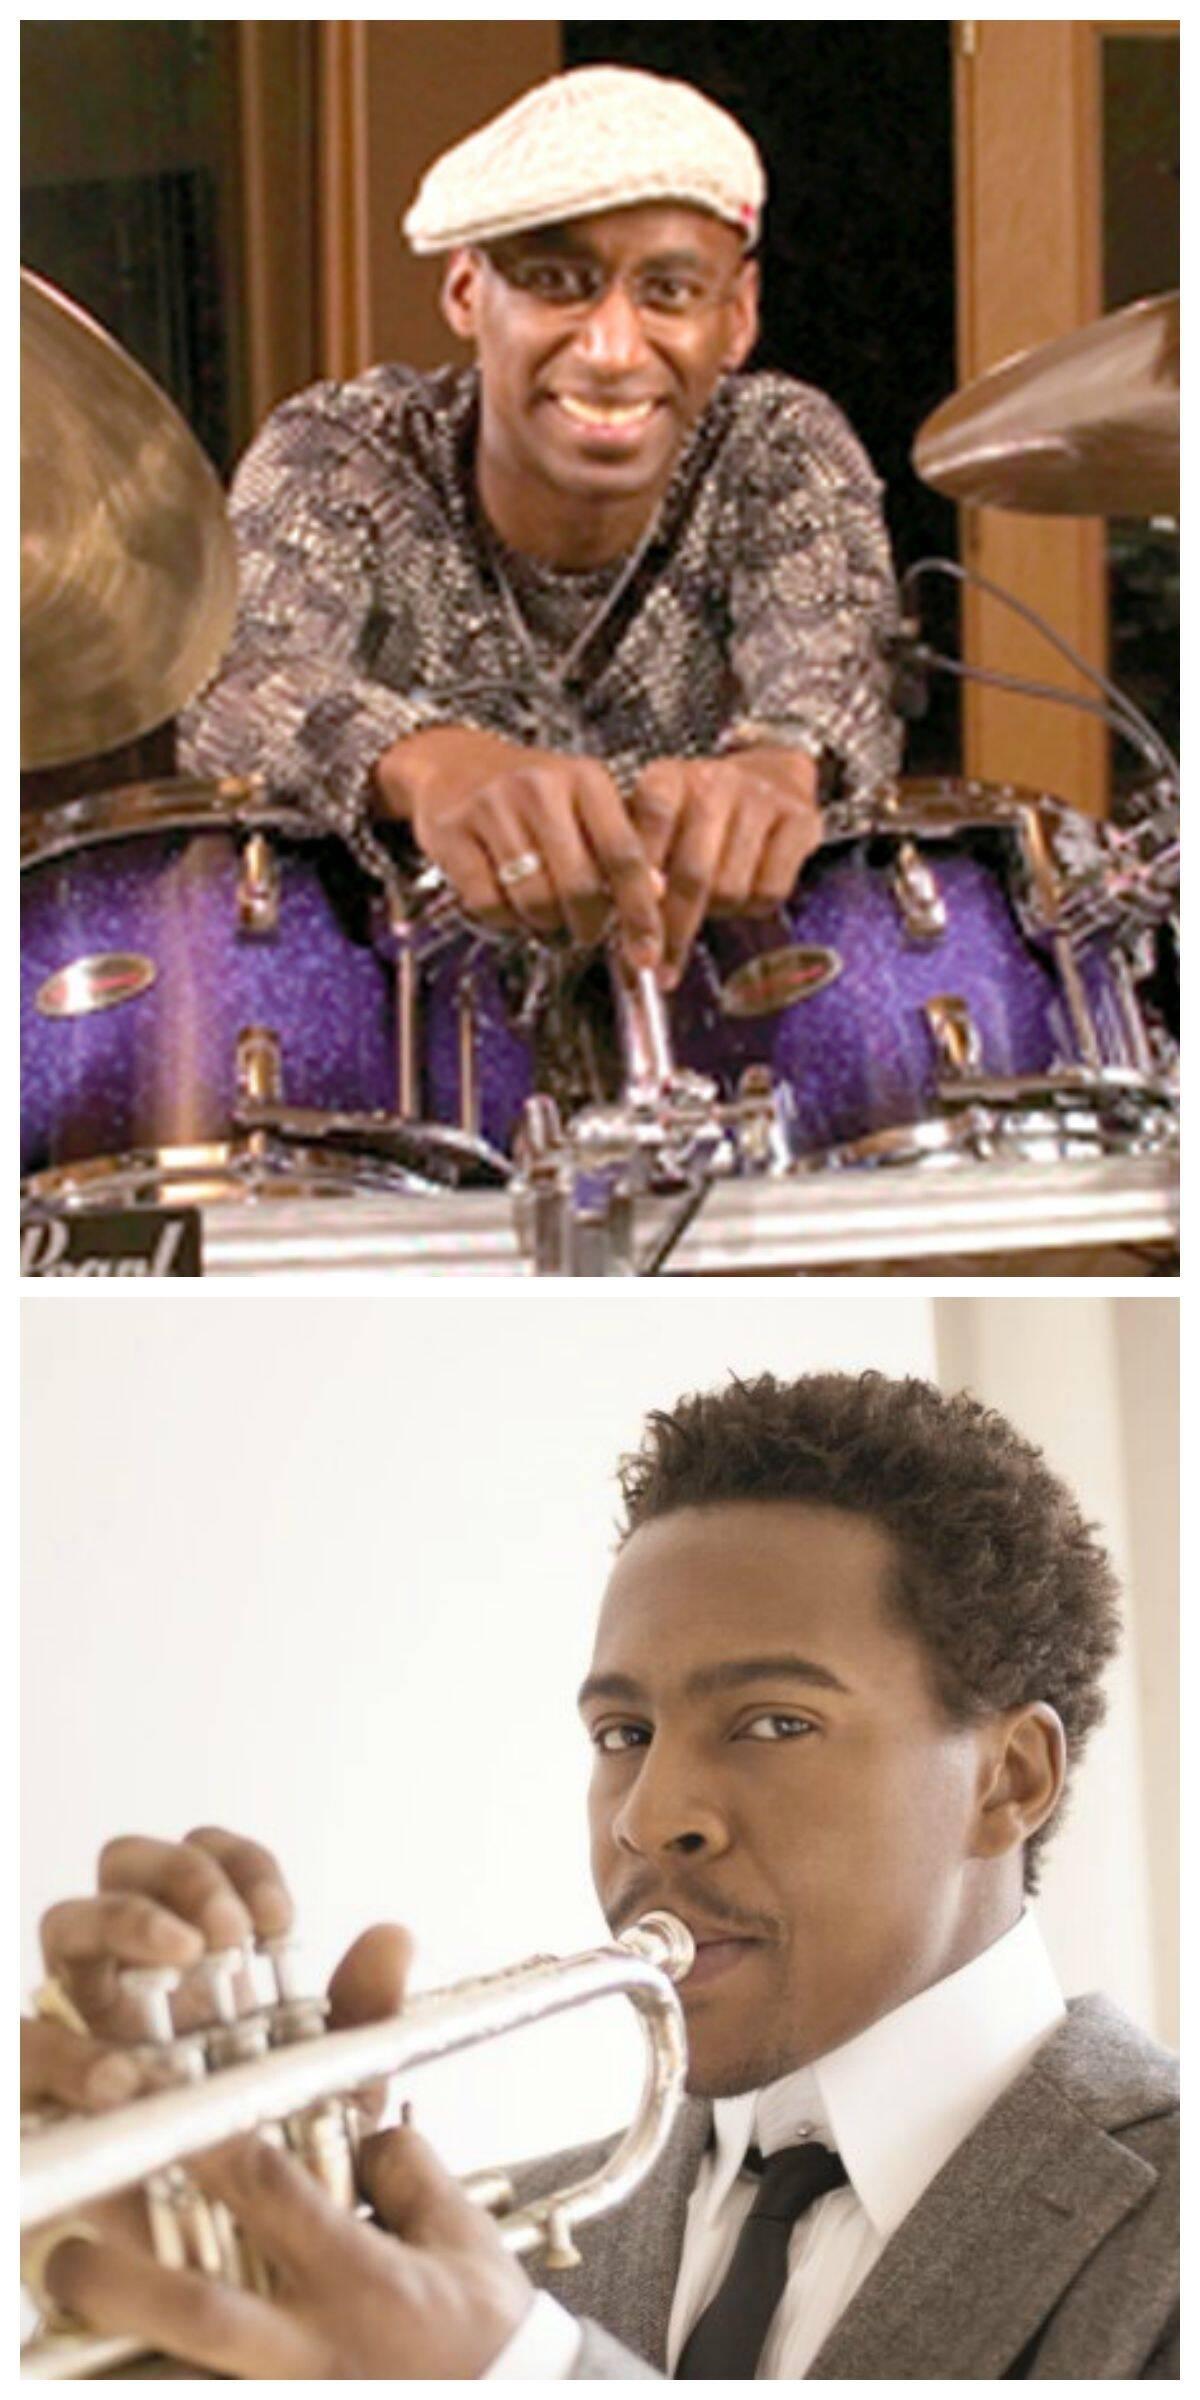 O baterista Omar Karim e o trompetista Roy Hargrove: atrações internacionais confirmadas no Jazz e Blues de Rio das Ostras/ Fotos: divulgação